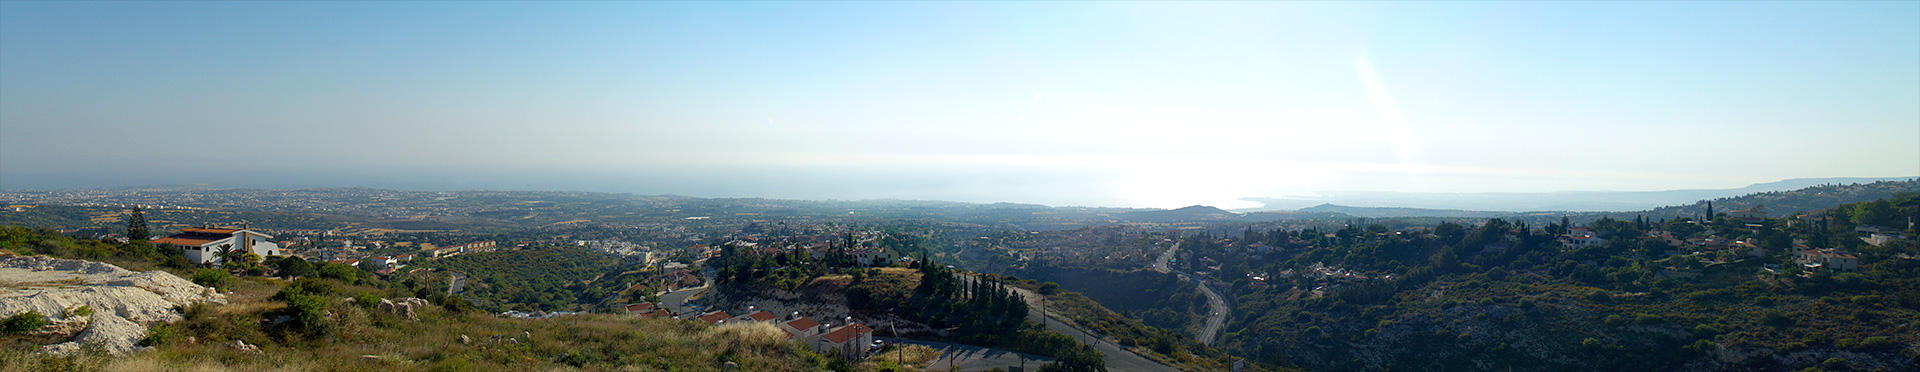 Cyprus, Pafos Panorama